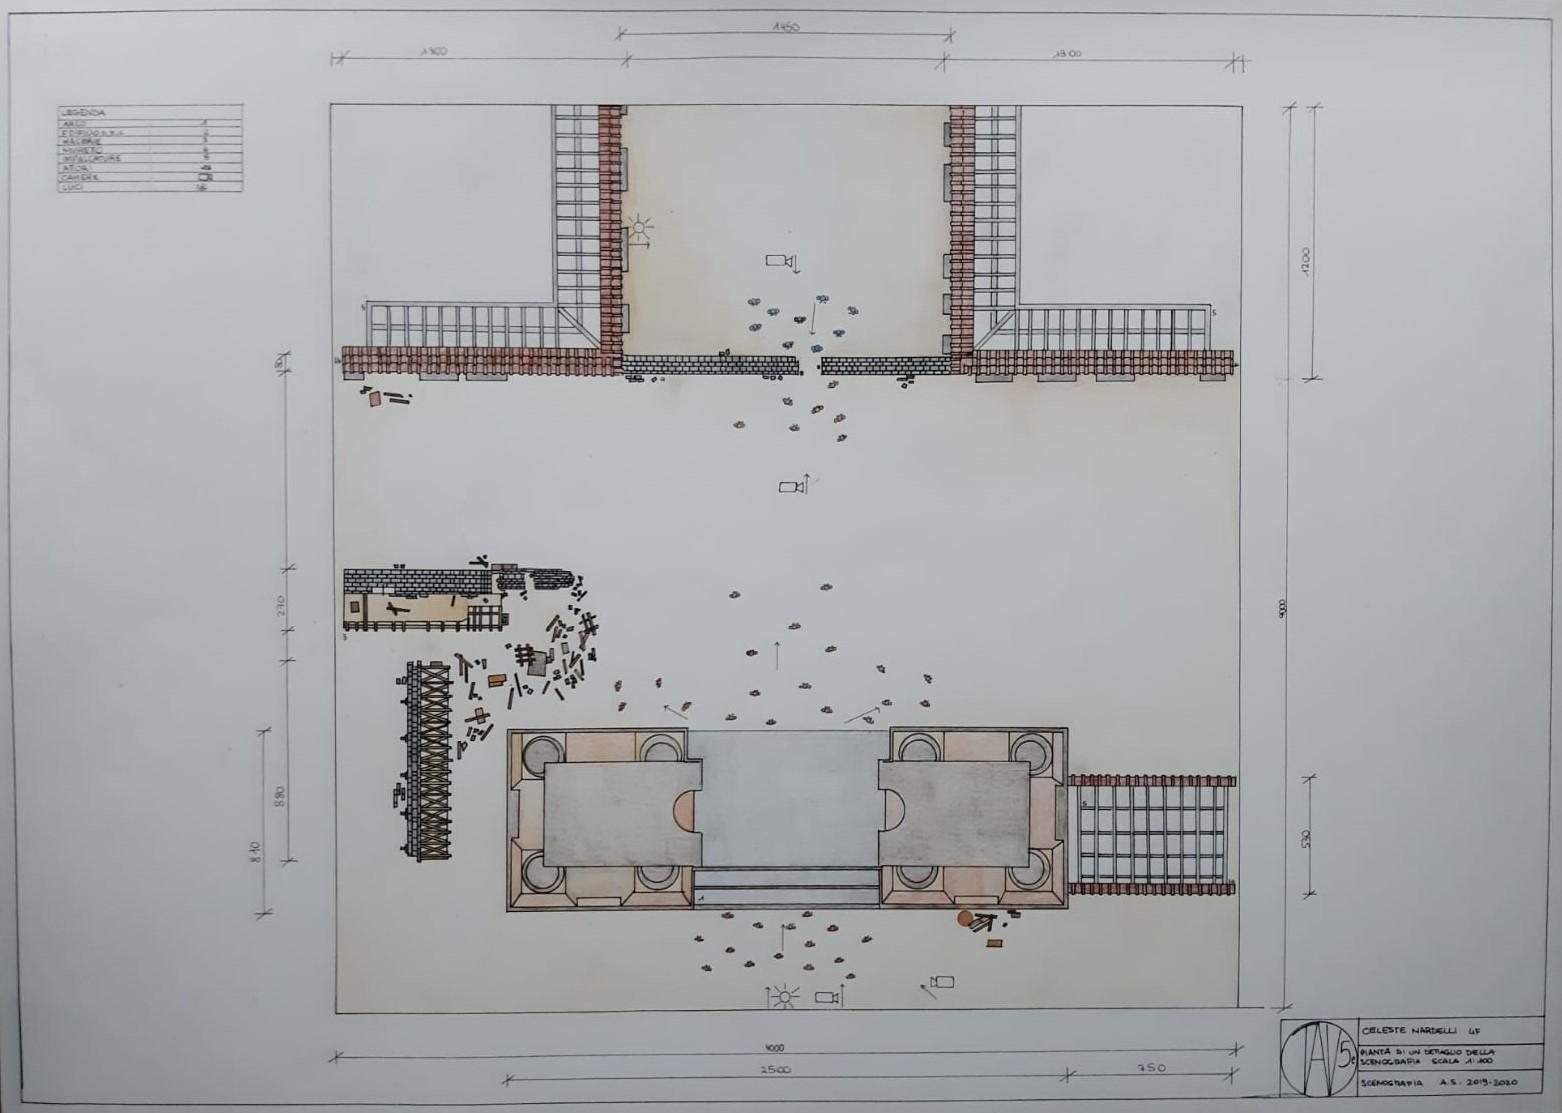 003-DIS-SCENOTECNICO-CELESTE-NARDELLI-5F-PROGETTO-CINEMA-TAV6-1-IL-GATTOPARDO-PIANTA-SCENA-GARIBALDINI-A-PALERMO-E-ASSALTO-DI-PORTA-TERMINI-1860